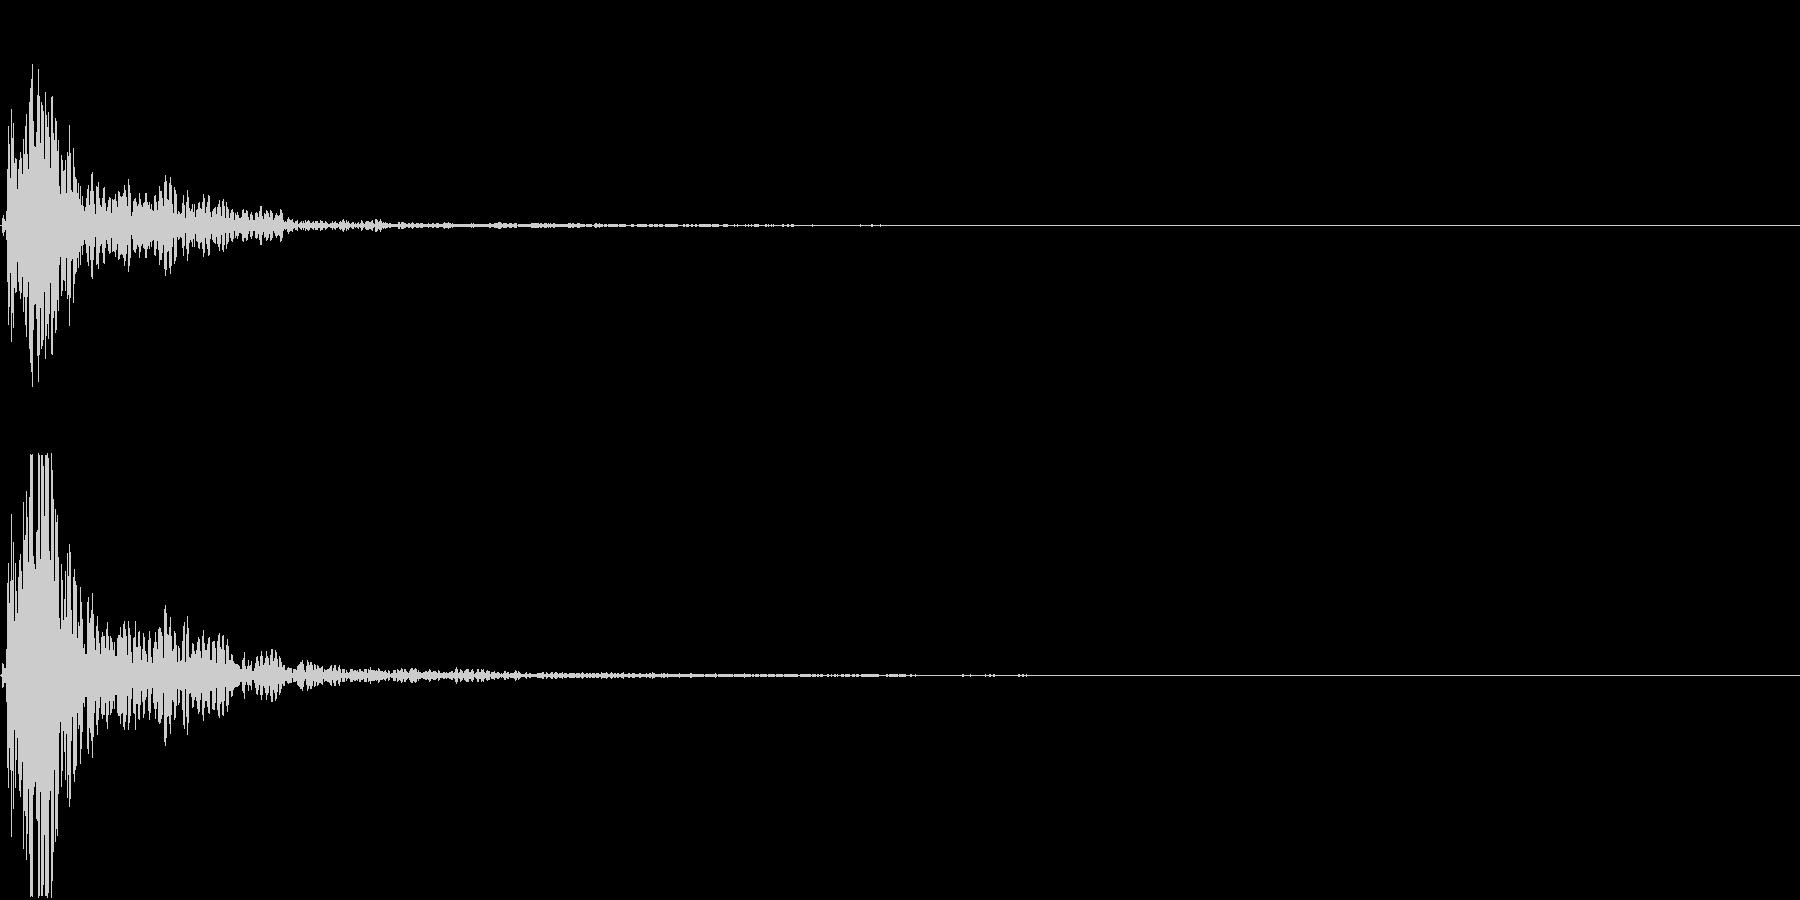 【生録音】蹴る音 キック 再現音 7の未再生の波形